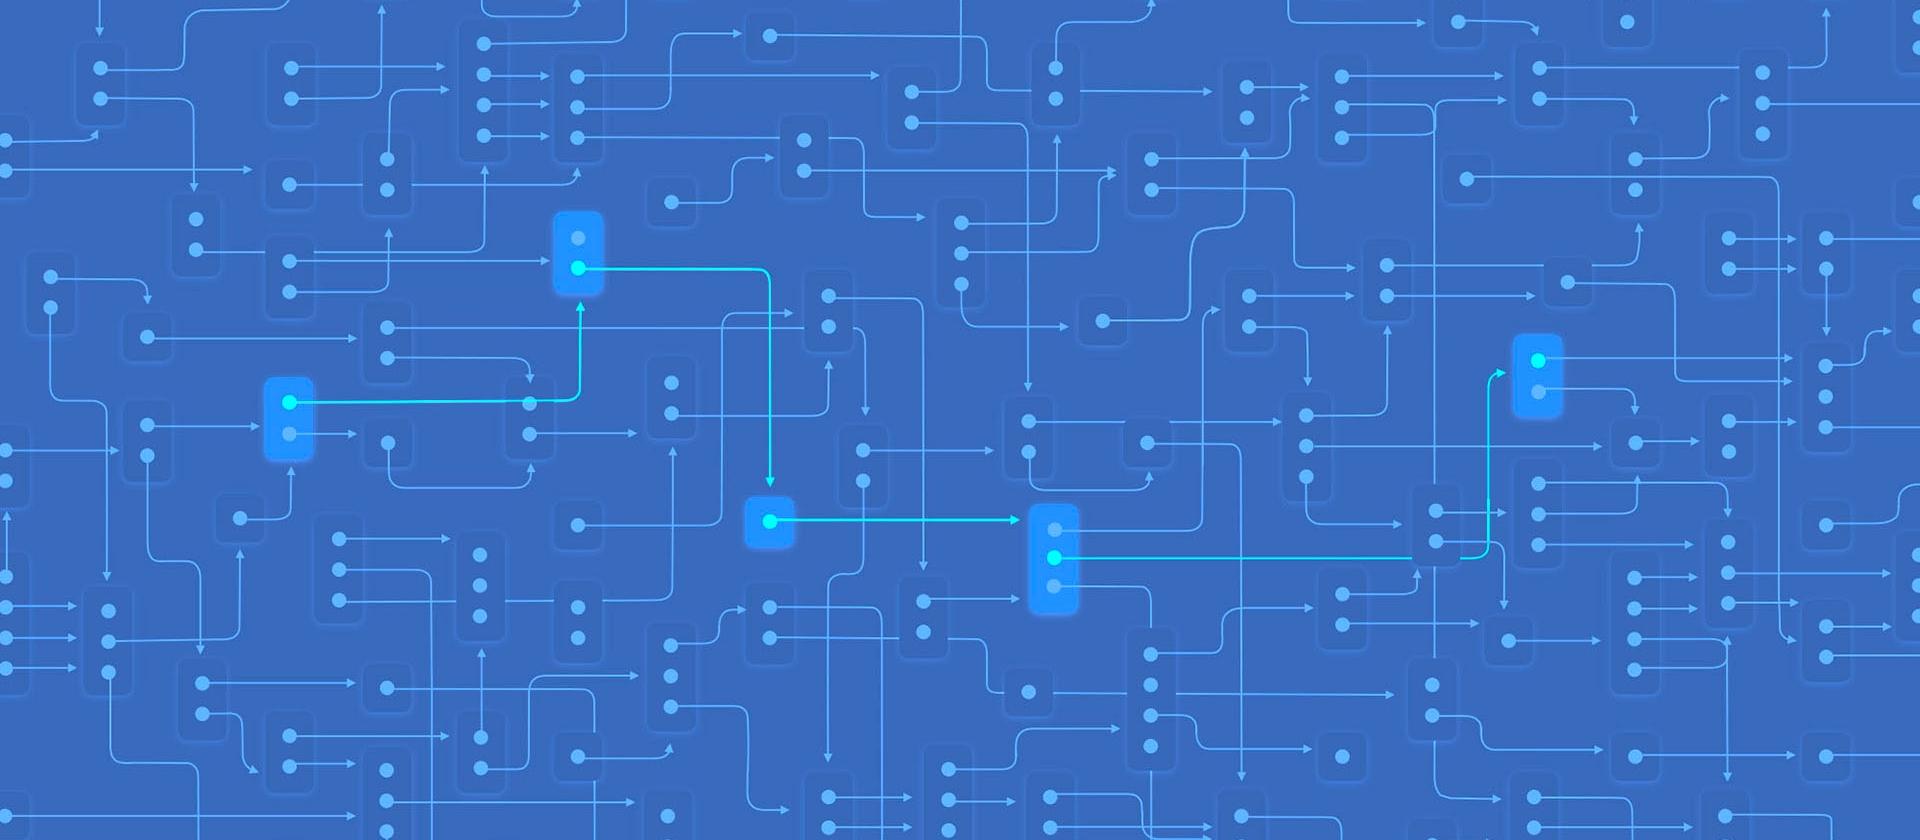 臉書開源可偵測Python程式碼安全與隱私問題的工具Pysa